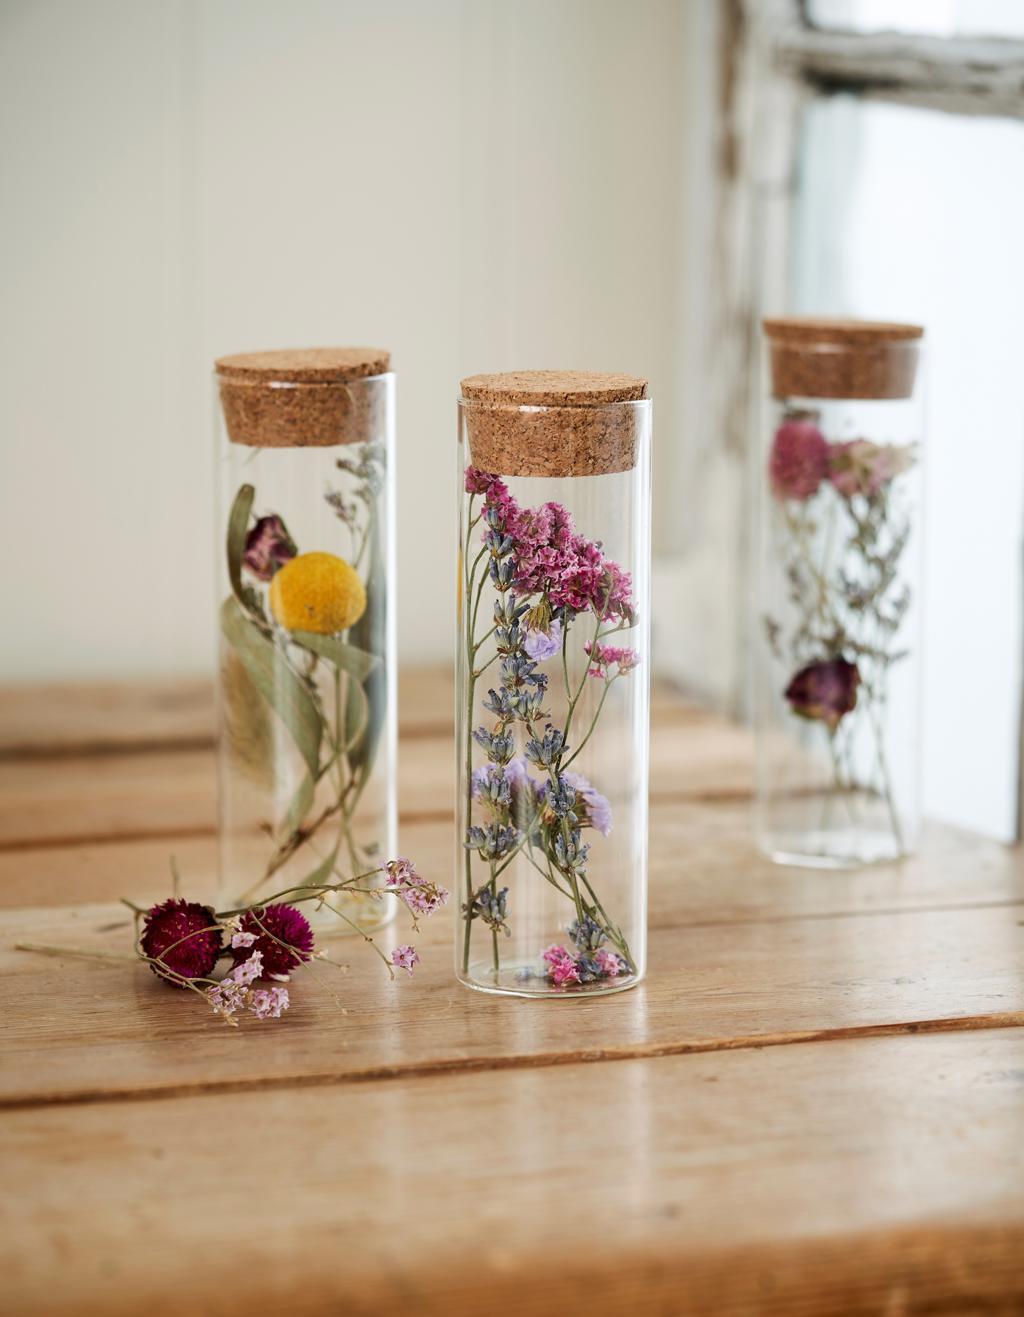 Glazen Decoratie Met Bloemen Vind Uw Glazen Decoratie Met Bloemen Hier Sostrene Grene